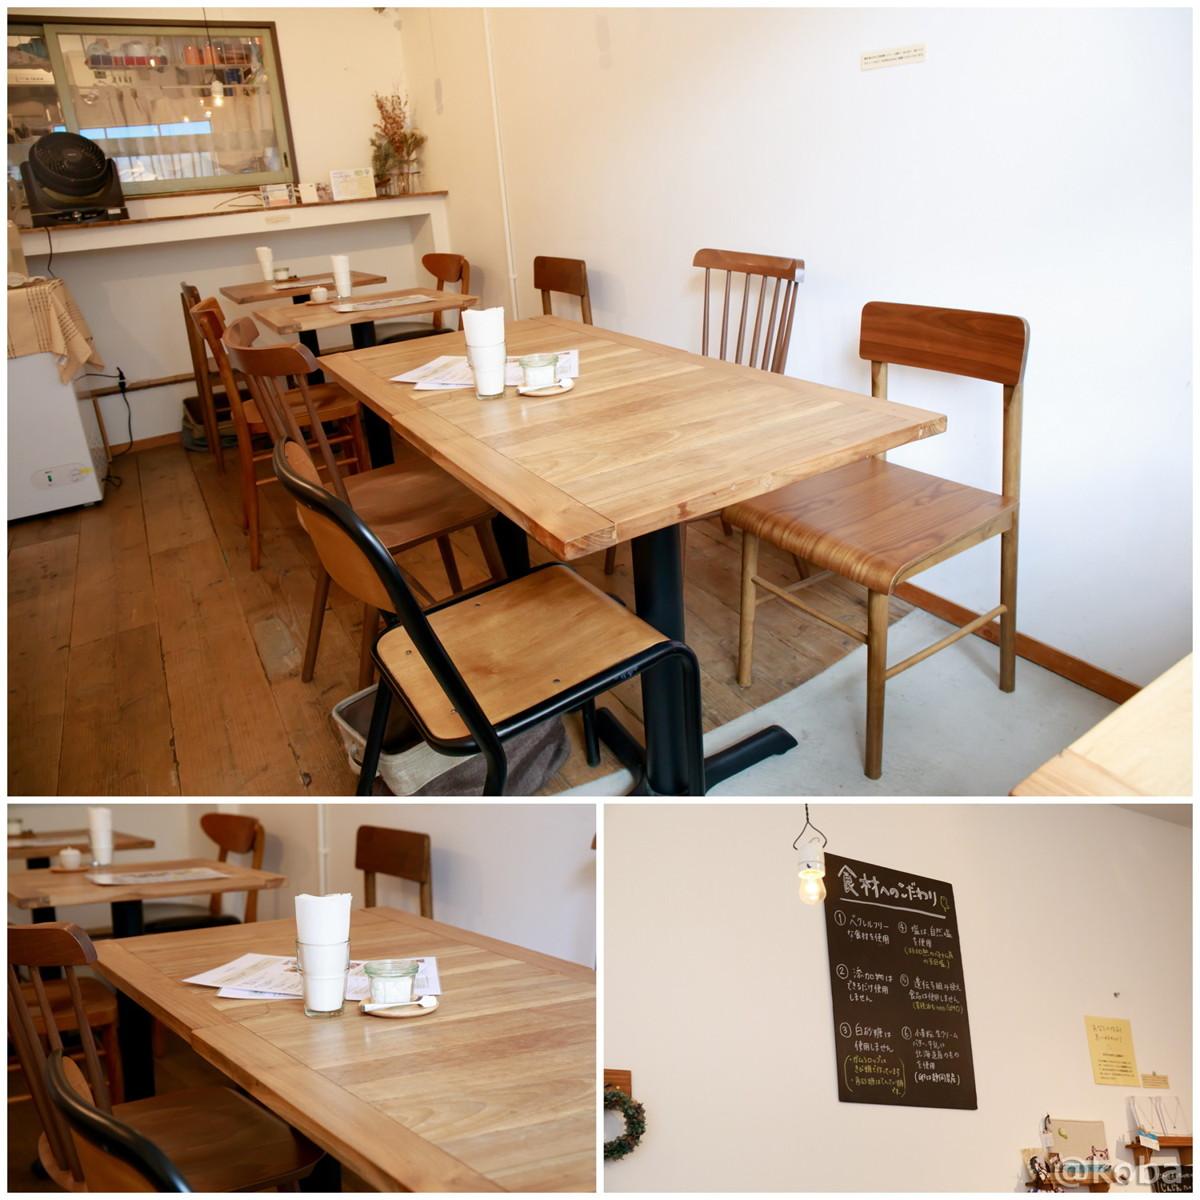 内観の写真 テーブル席│cafe マチノ木(まちのき)│カフェランチ│東京│新小岩ブログ